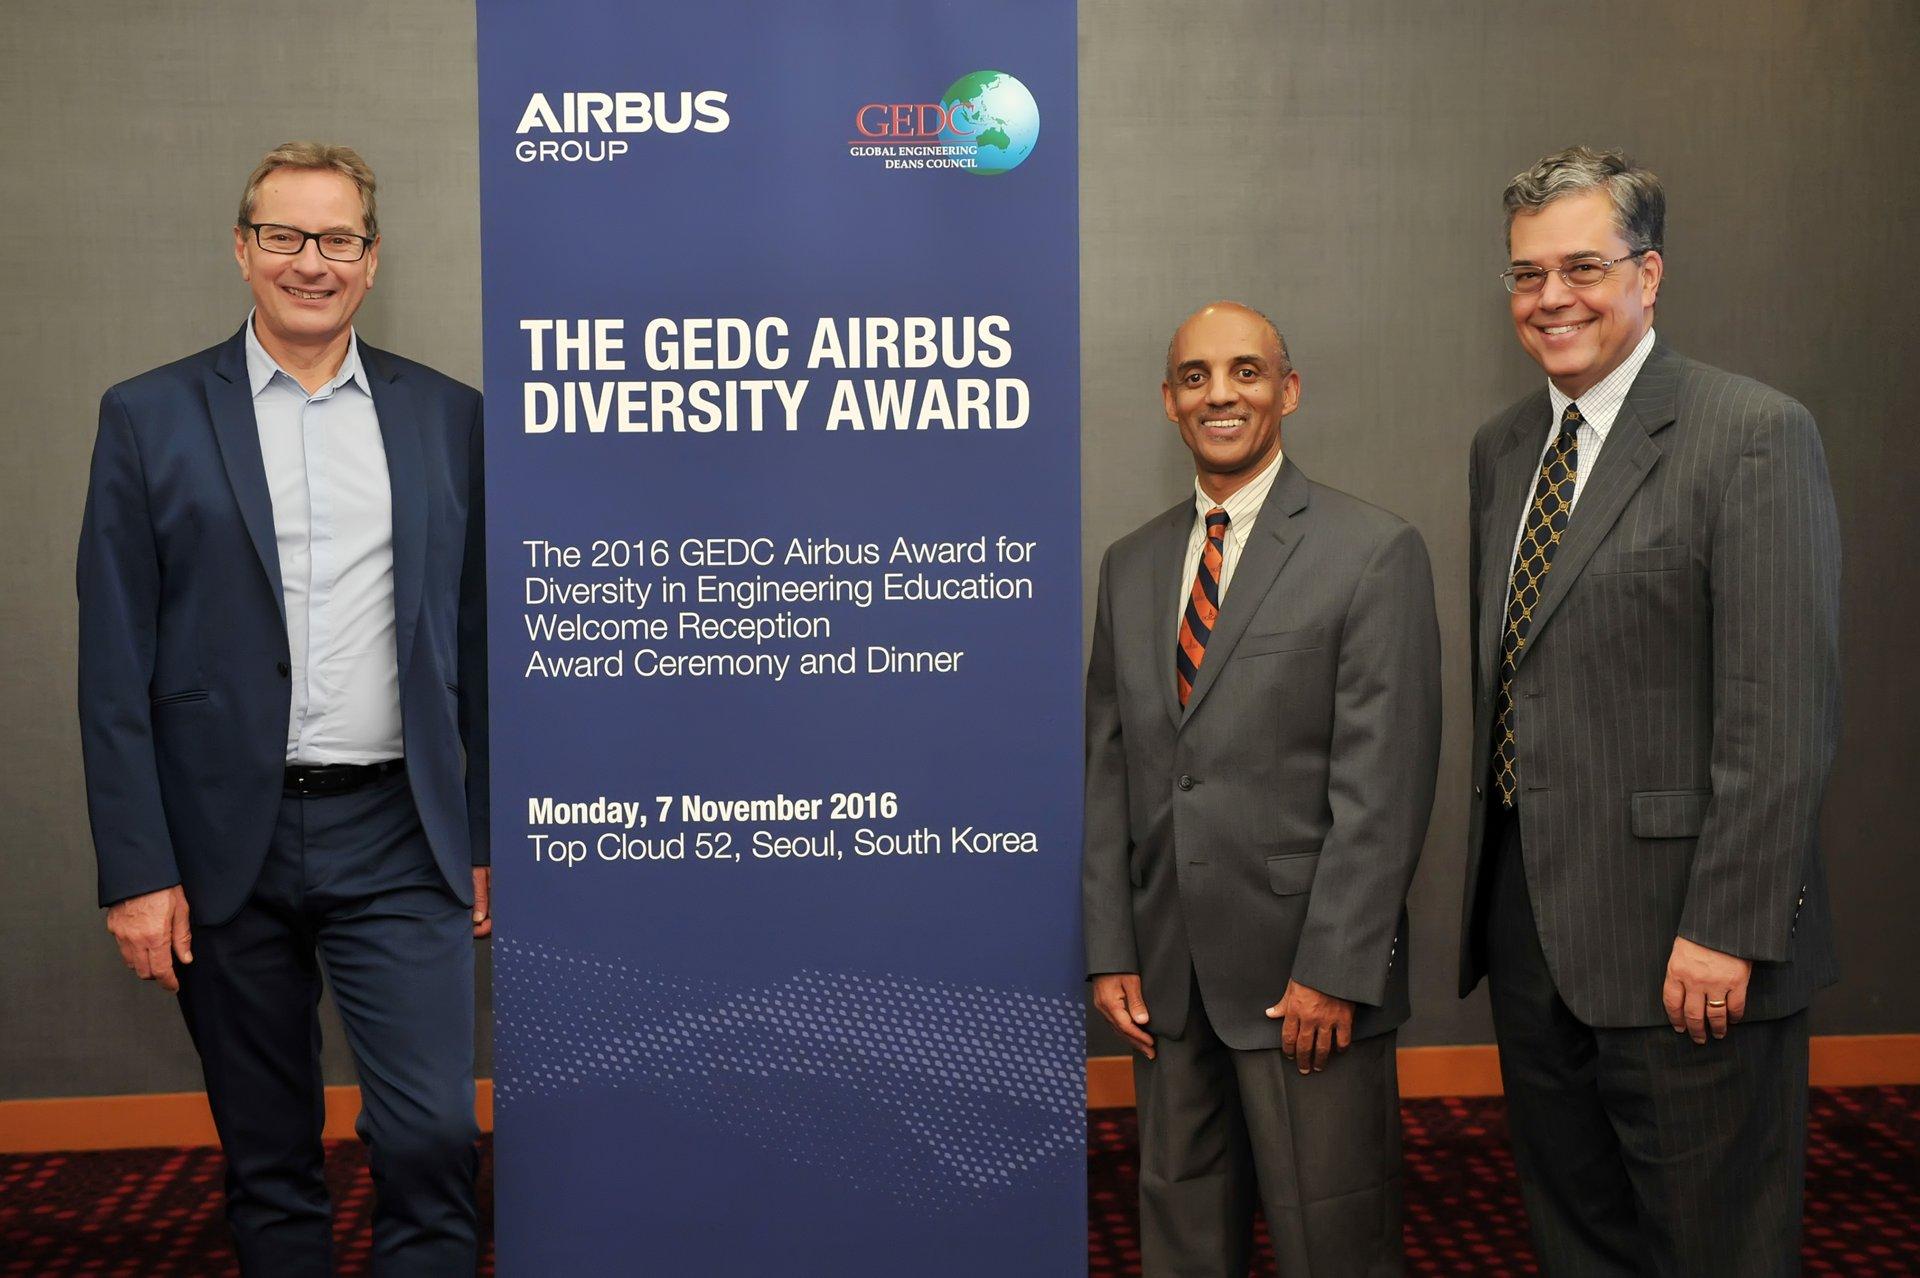 GEDC Airbus Diversity Award 2016